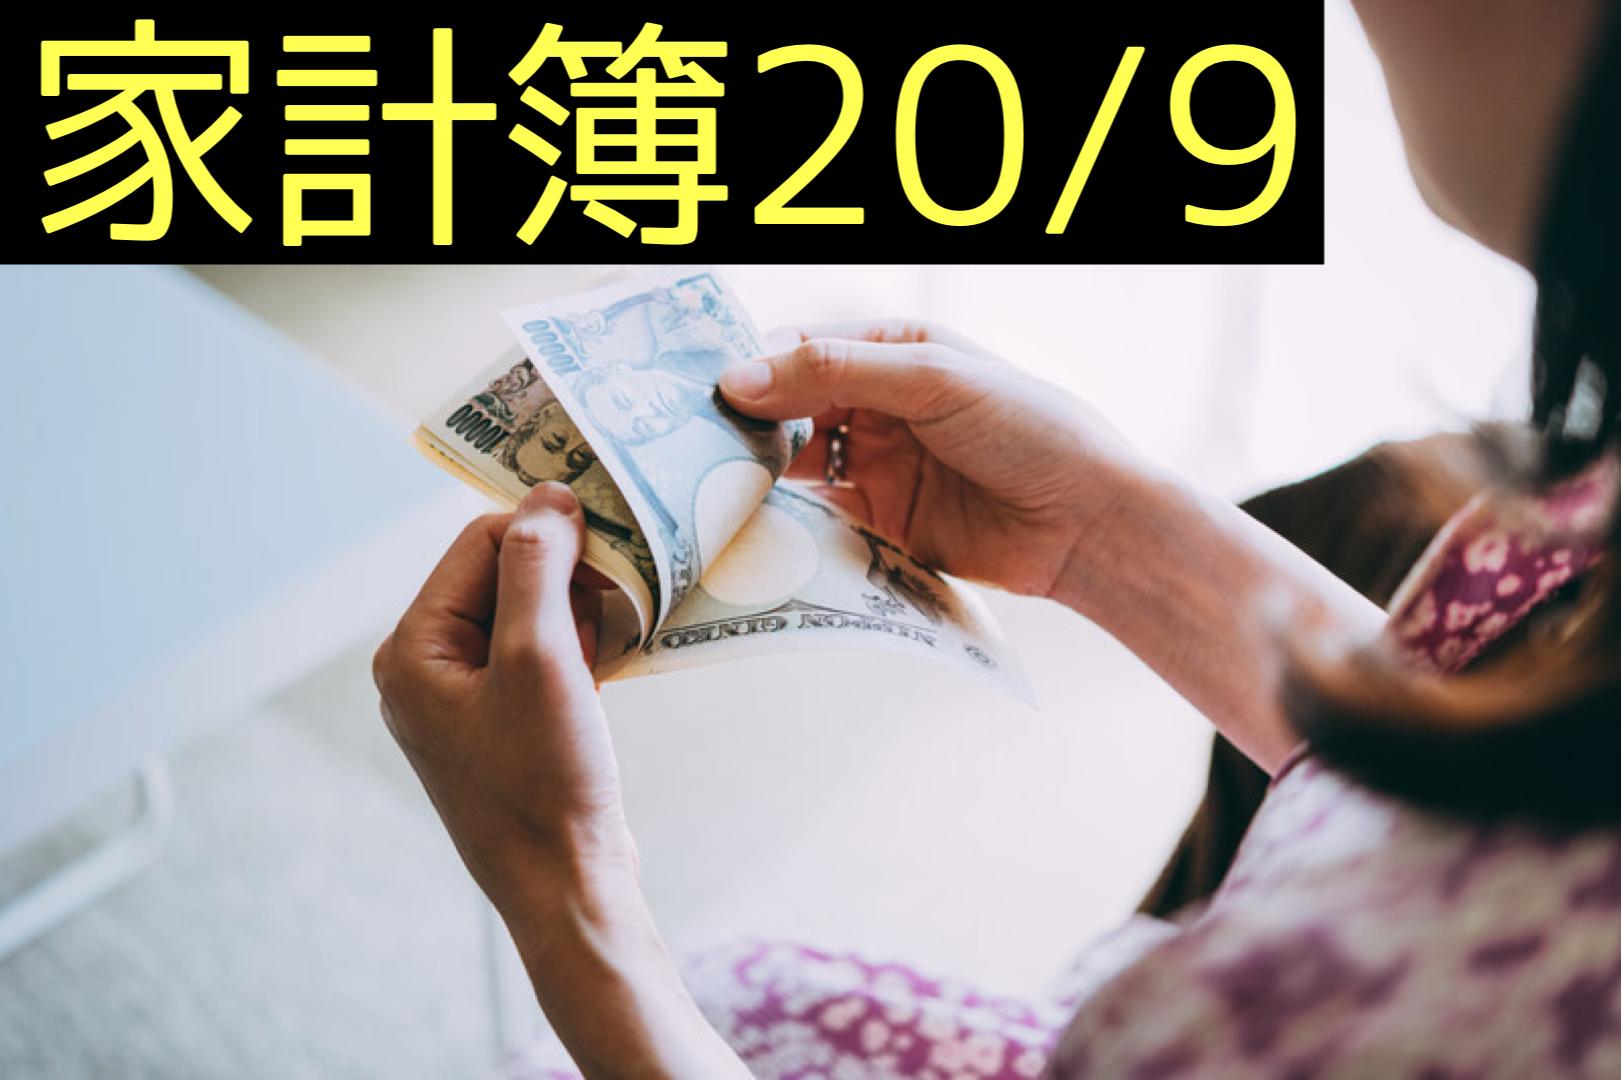 【30代】家計簿公開・20年9月【1人暮らし】